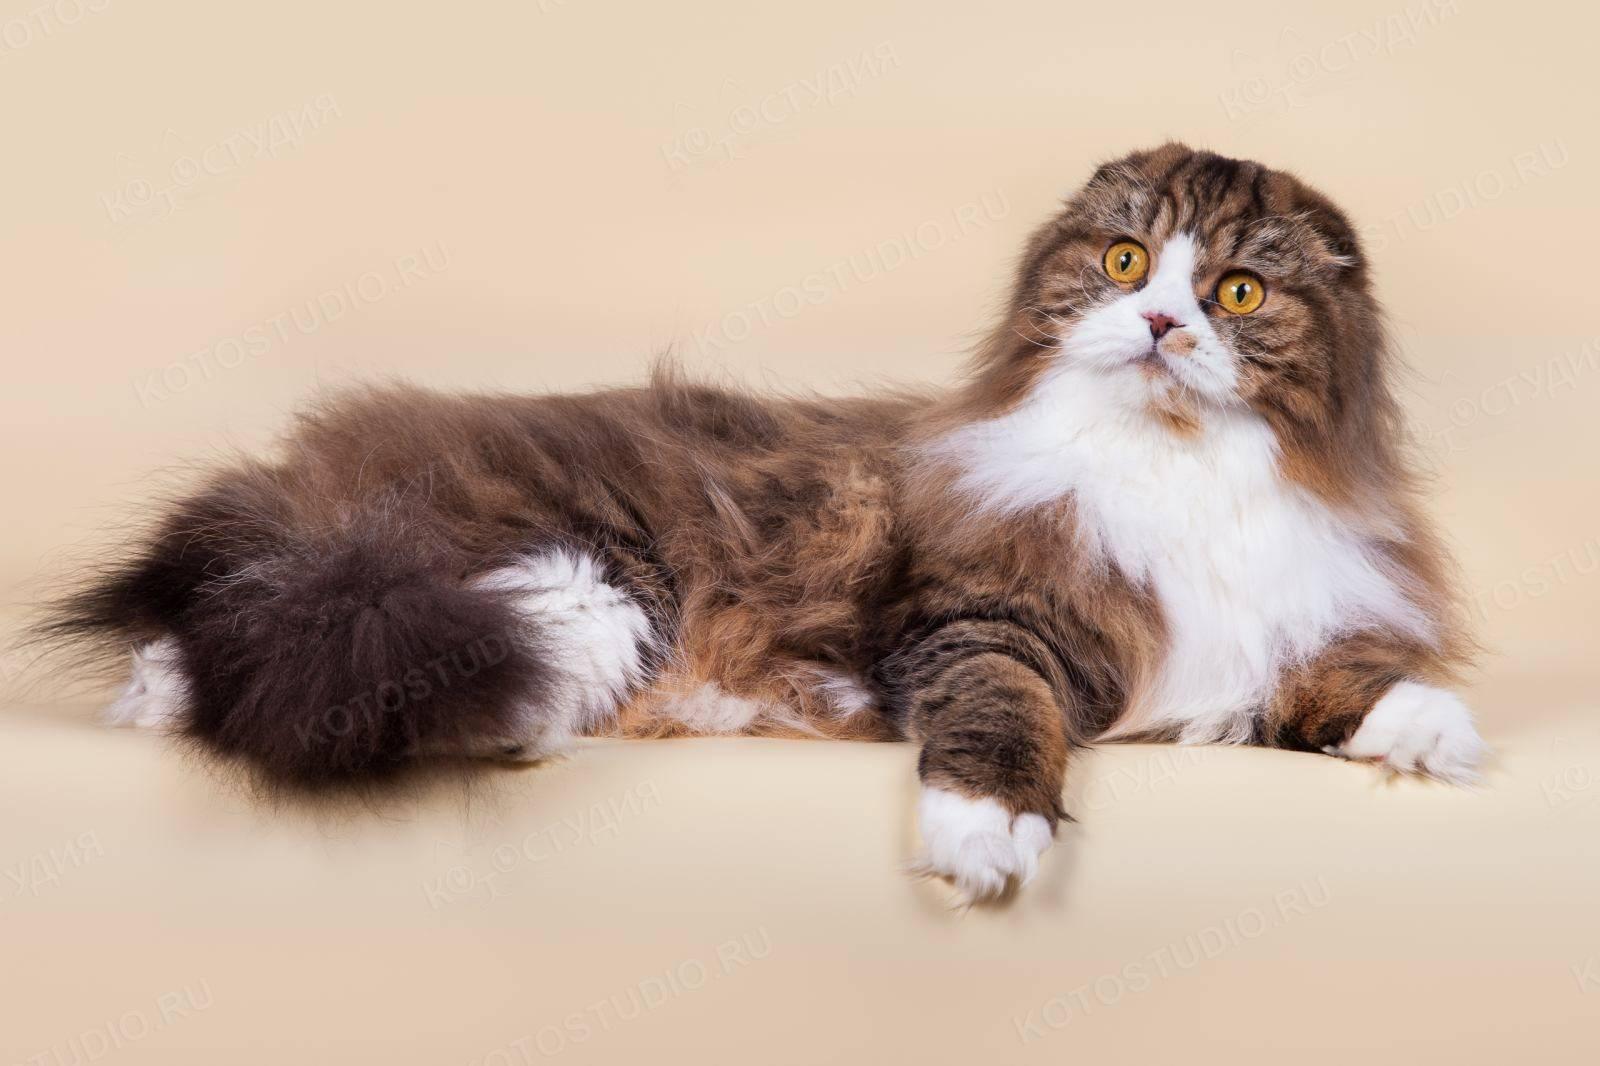 Британская длинношёрстная кошка: особенности породы и фото британца, уход за питомцем и содержание кота